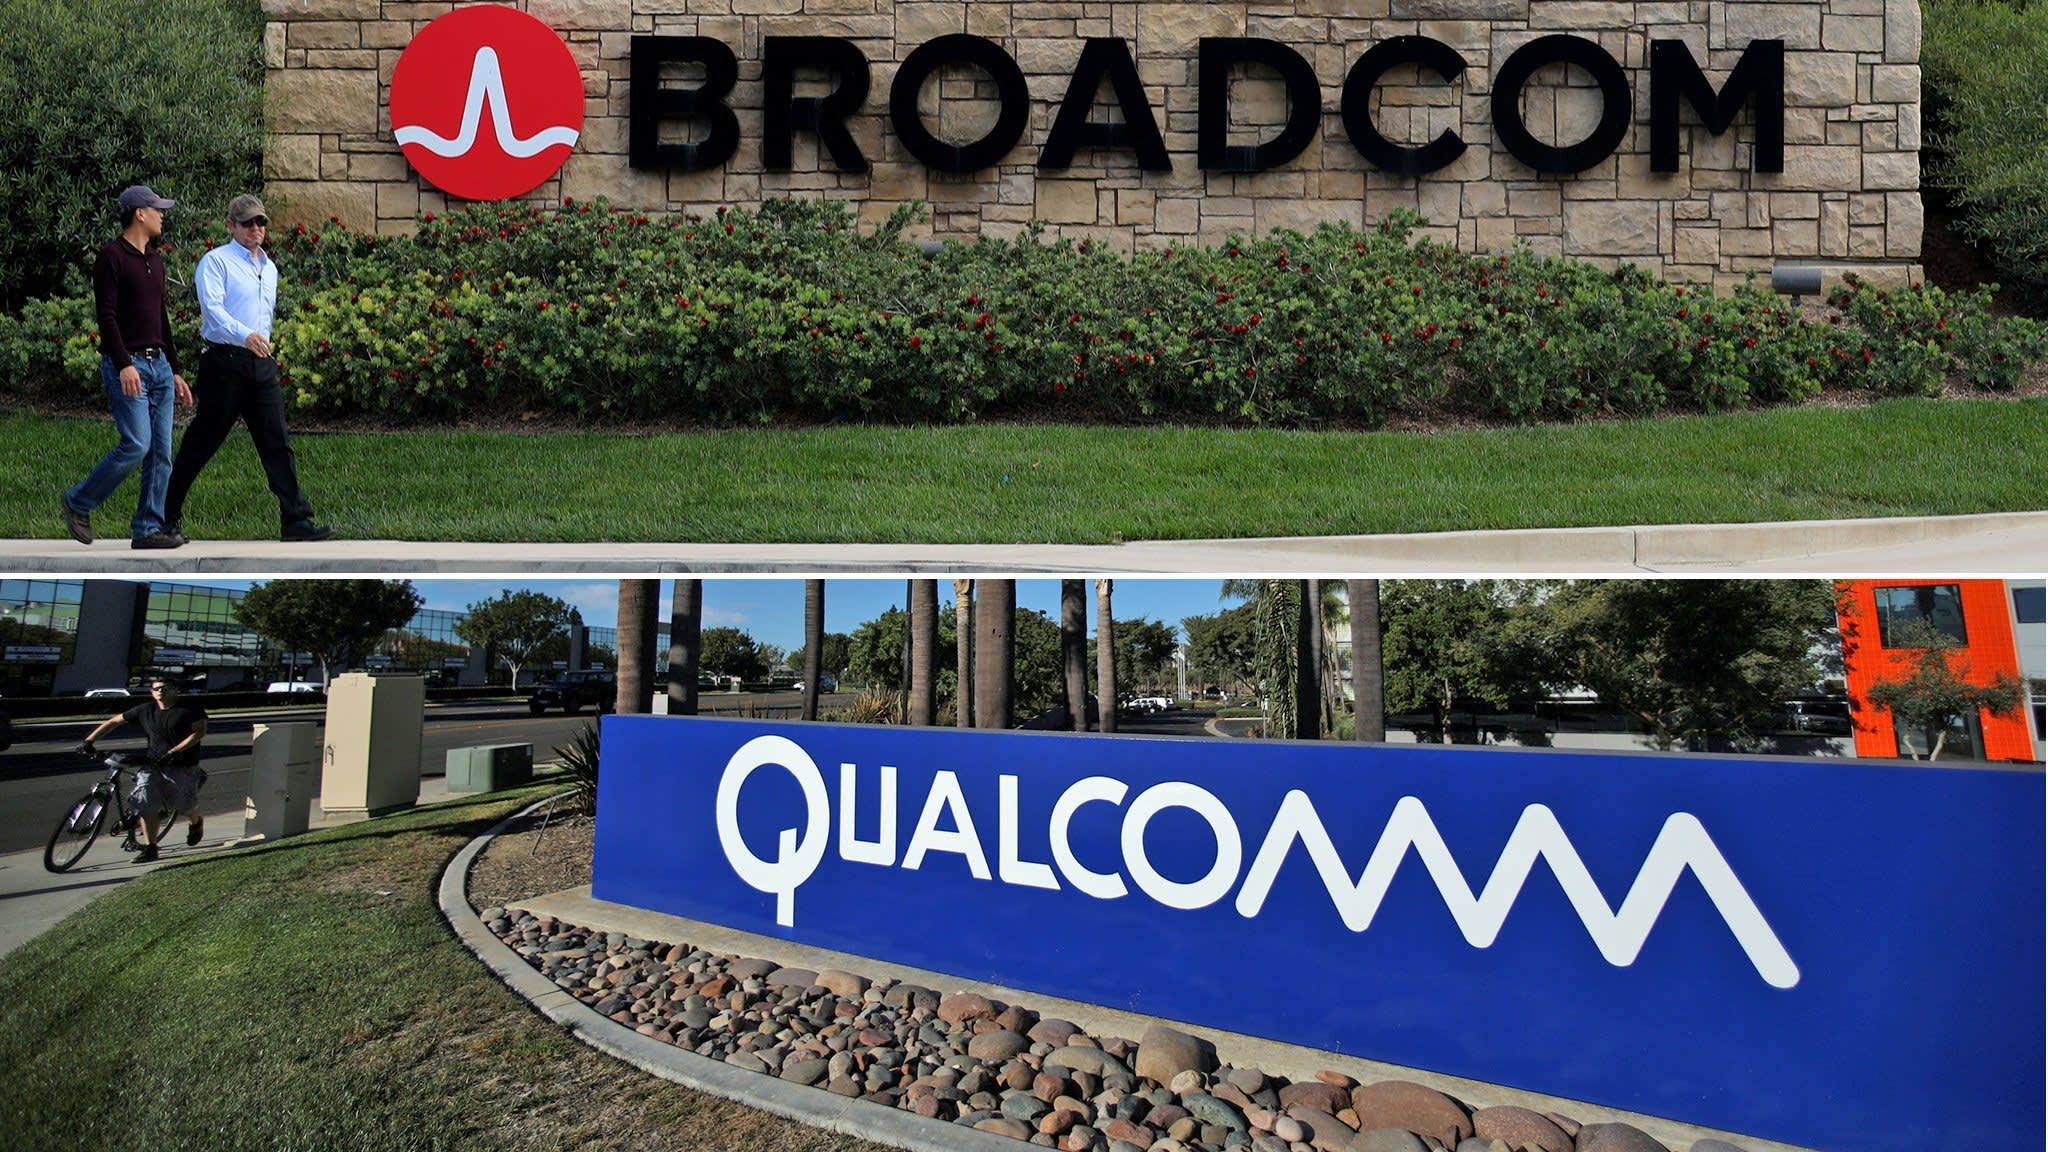 Qualcomm opens narrow path to Broadcom deal